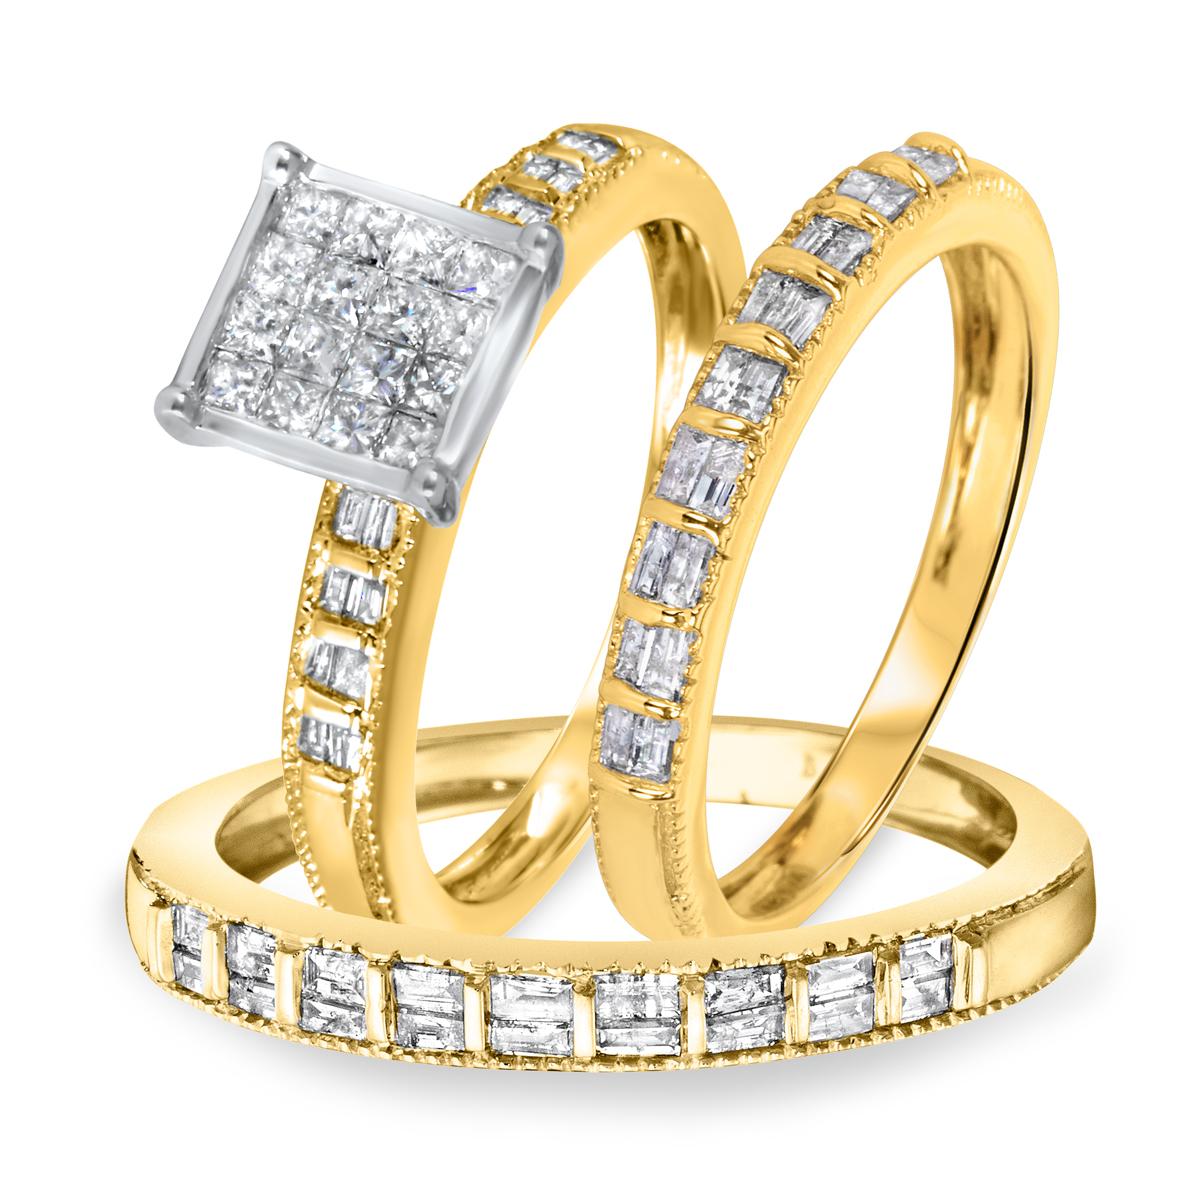 Irish Wedding Rings for Men and Women  Celtic Rings Ltd